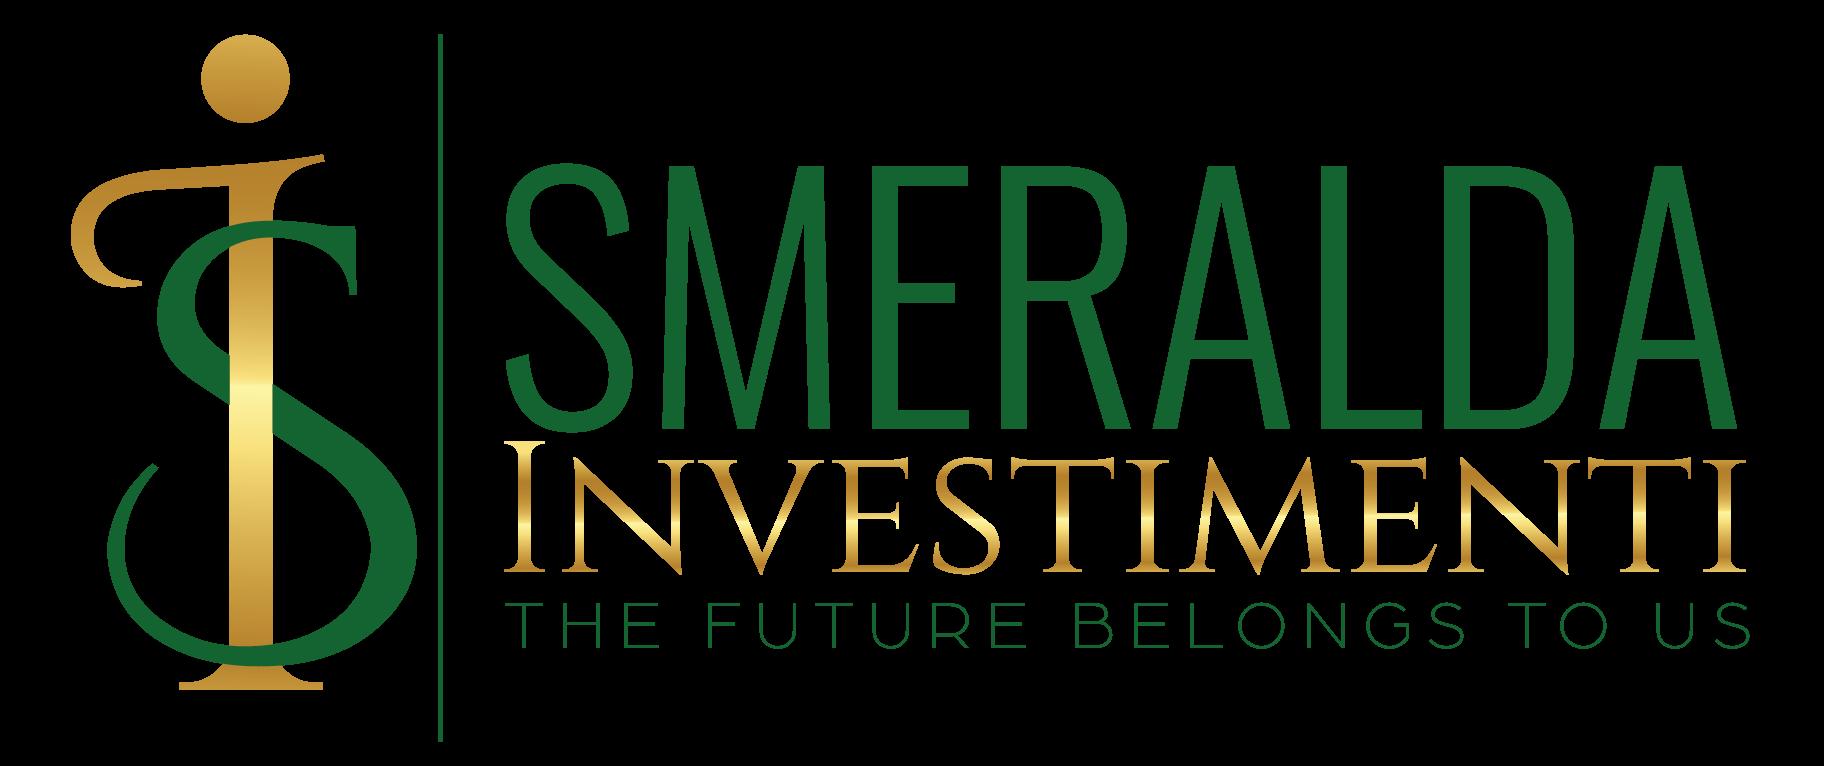 SI Smeralda Investimenti Group | Unternehmensbeteiligungen - Projektfinanzierungen - Funds - Energy - Education - Food - Wealth & Welfare Logo